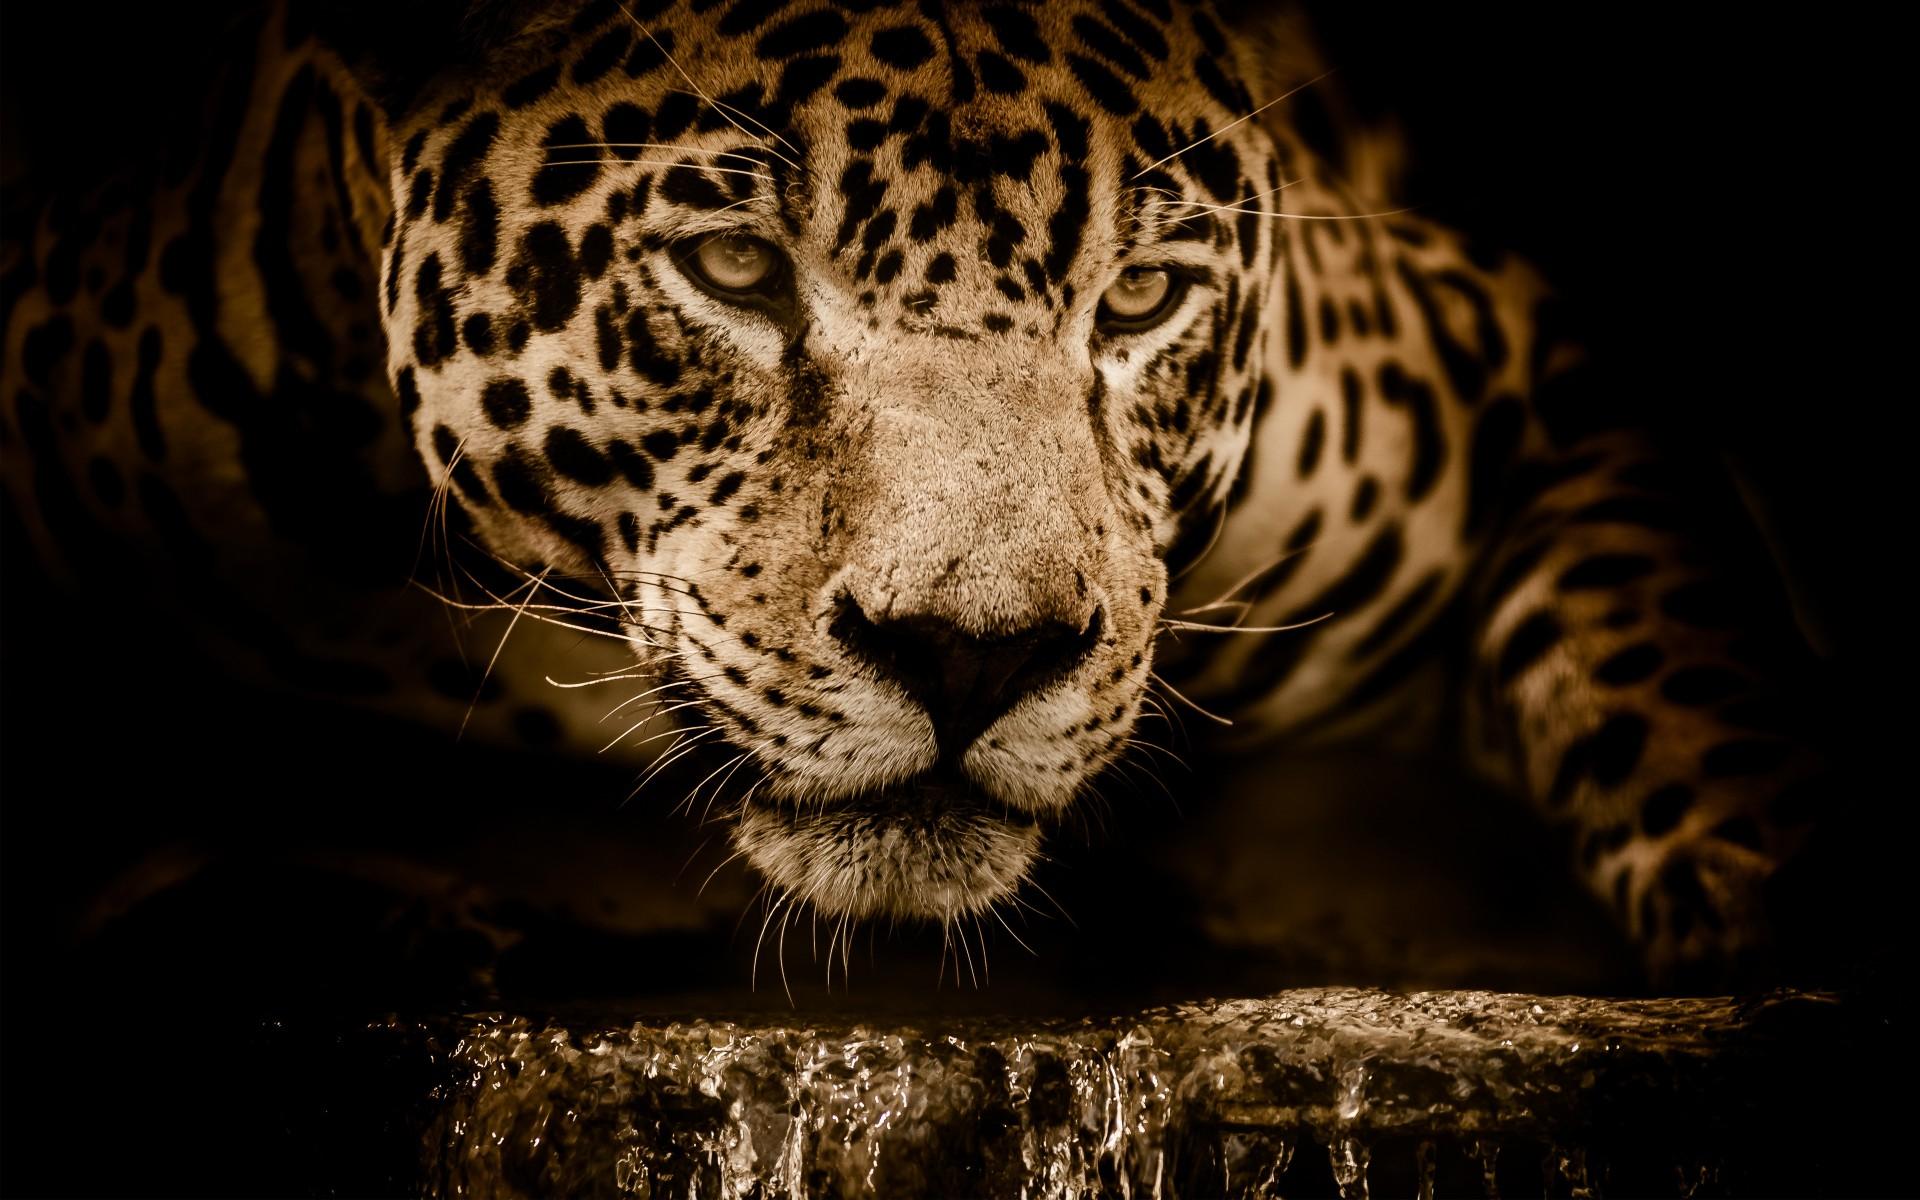 download jaguar cat wallpaper for desktop and mobile 1920x1200 - hd